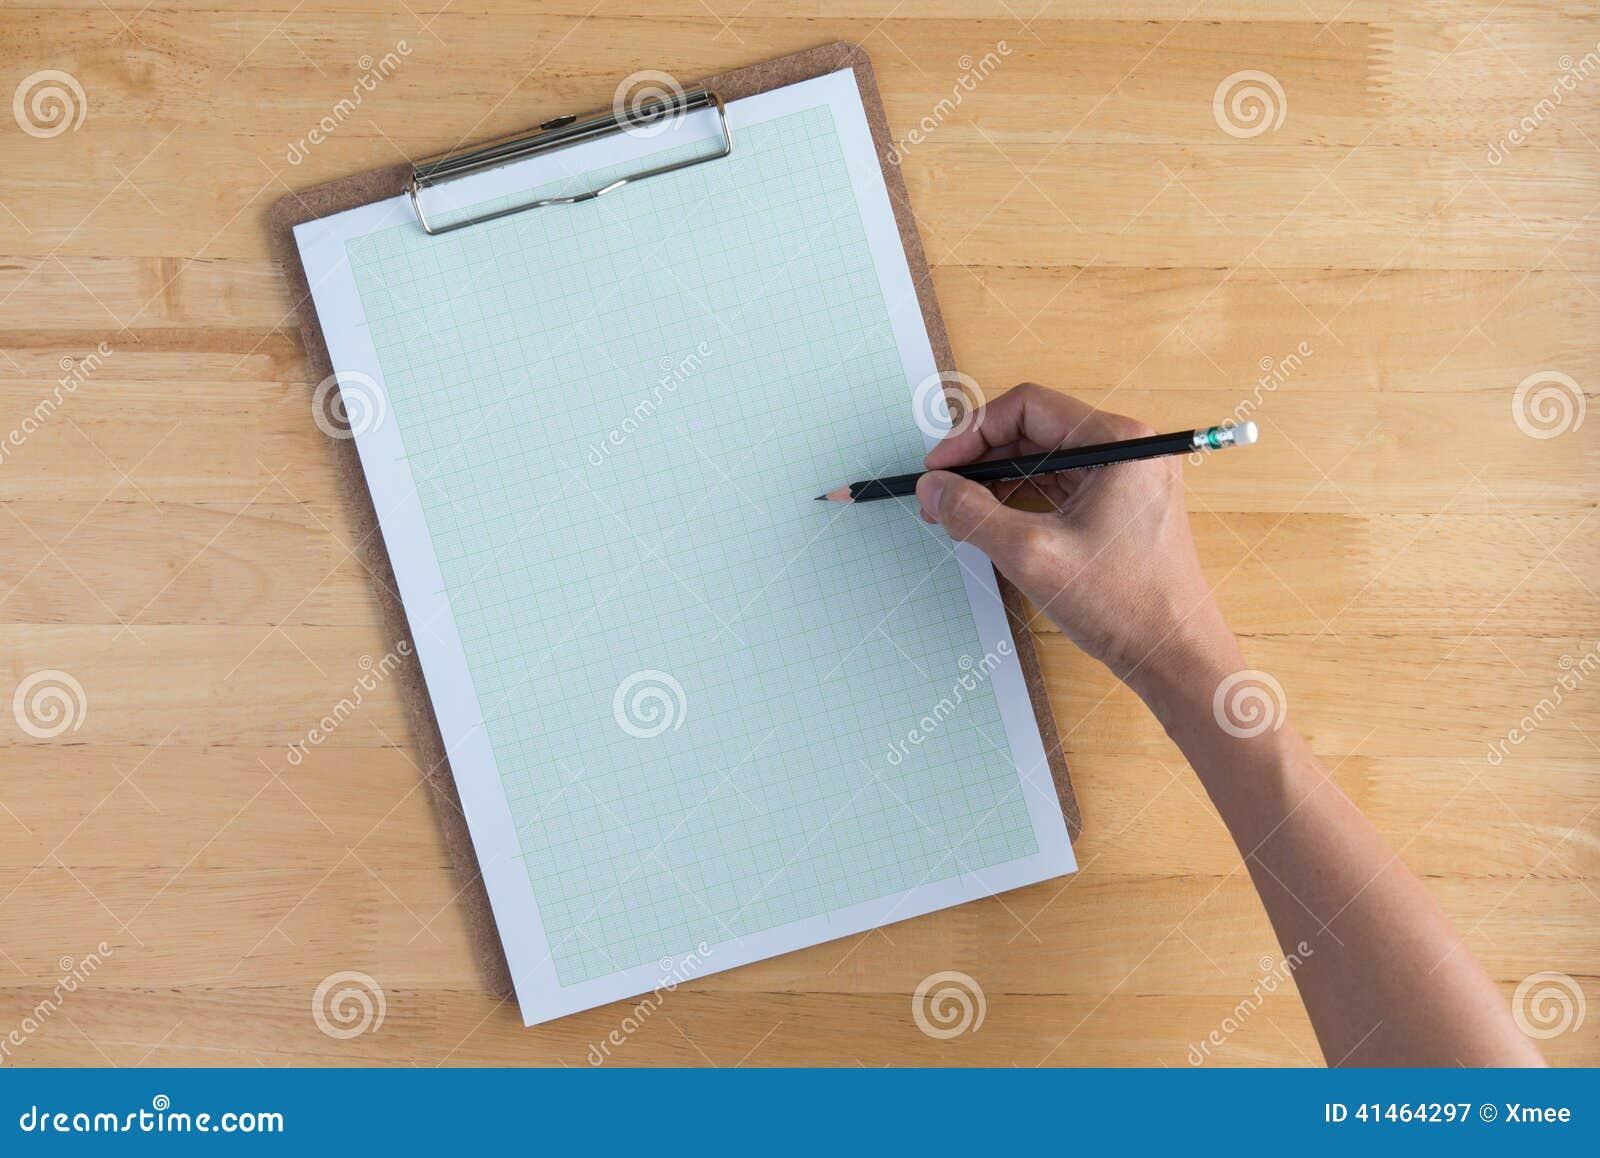 Desenhar no papel de gráfico com um lápis